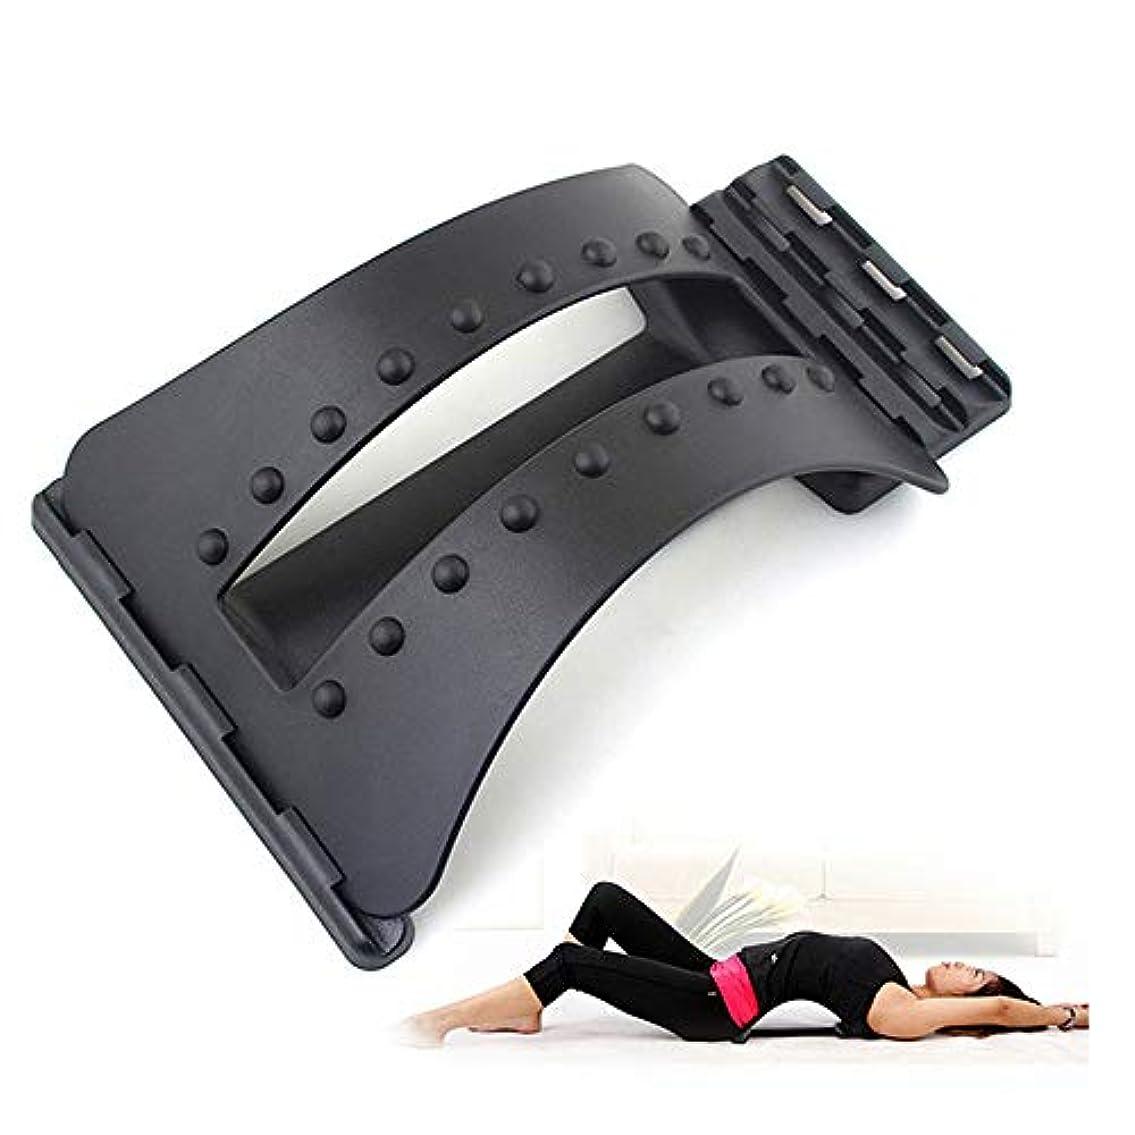 背中マッサージストレッチャーフィットネスマッサージ機器ストレッチリラックスストレッチャー腰椎サポート脊椎疼痛救済カイロプラクティックドロップシップ